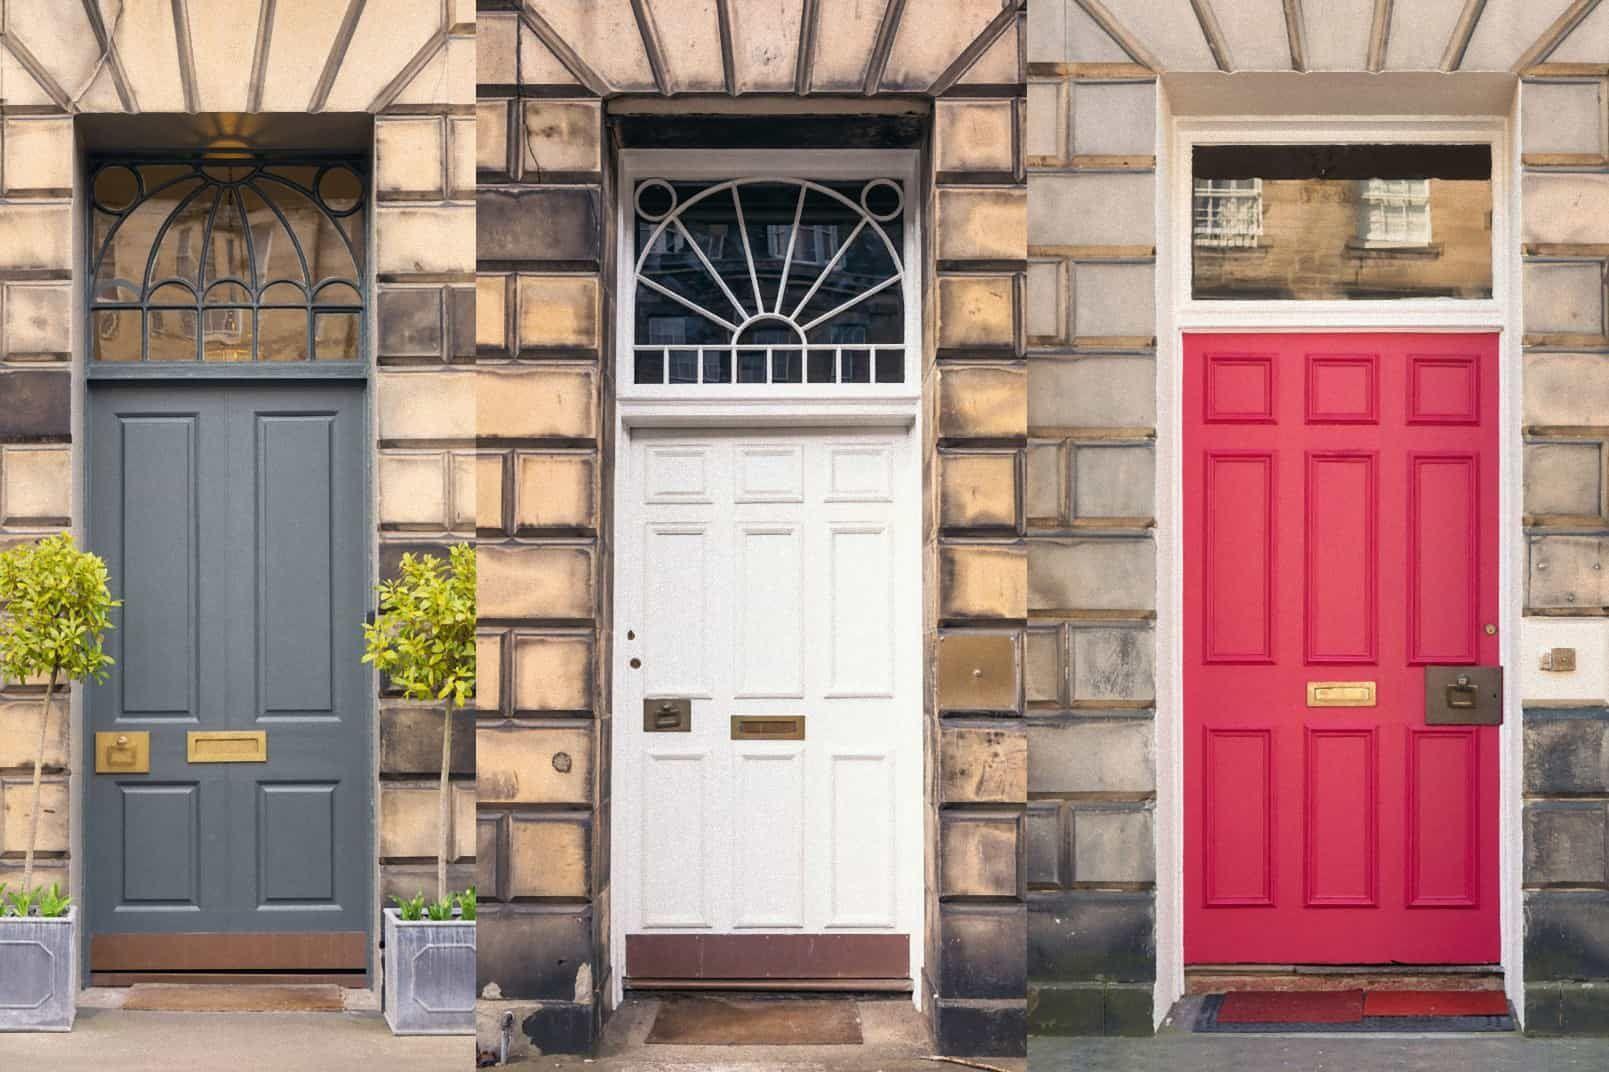 door design 2021 top 15 interior and exterior door trends on house colors for 2021 id=44572